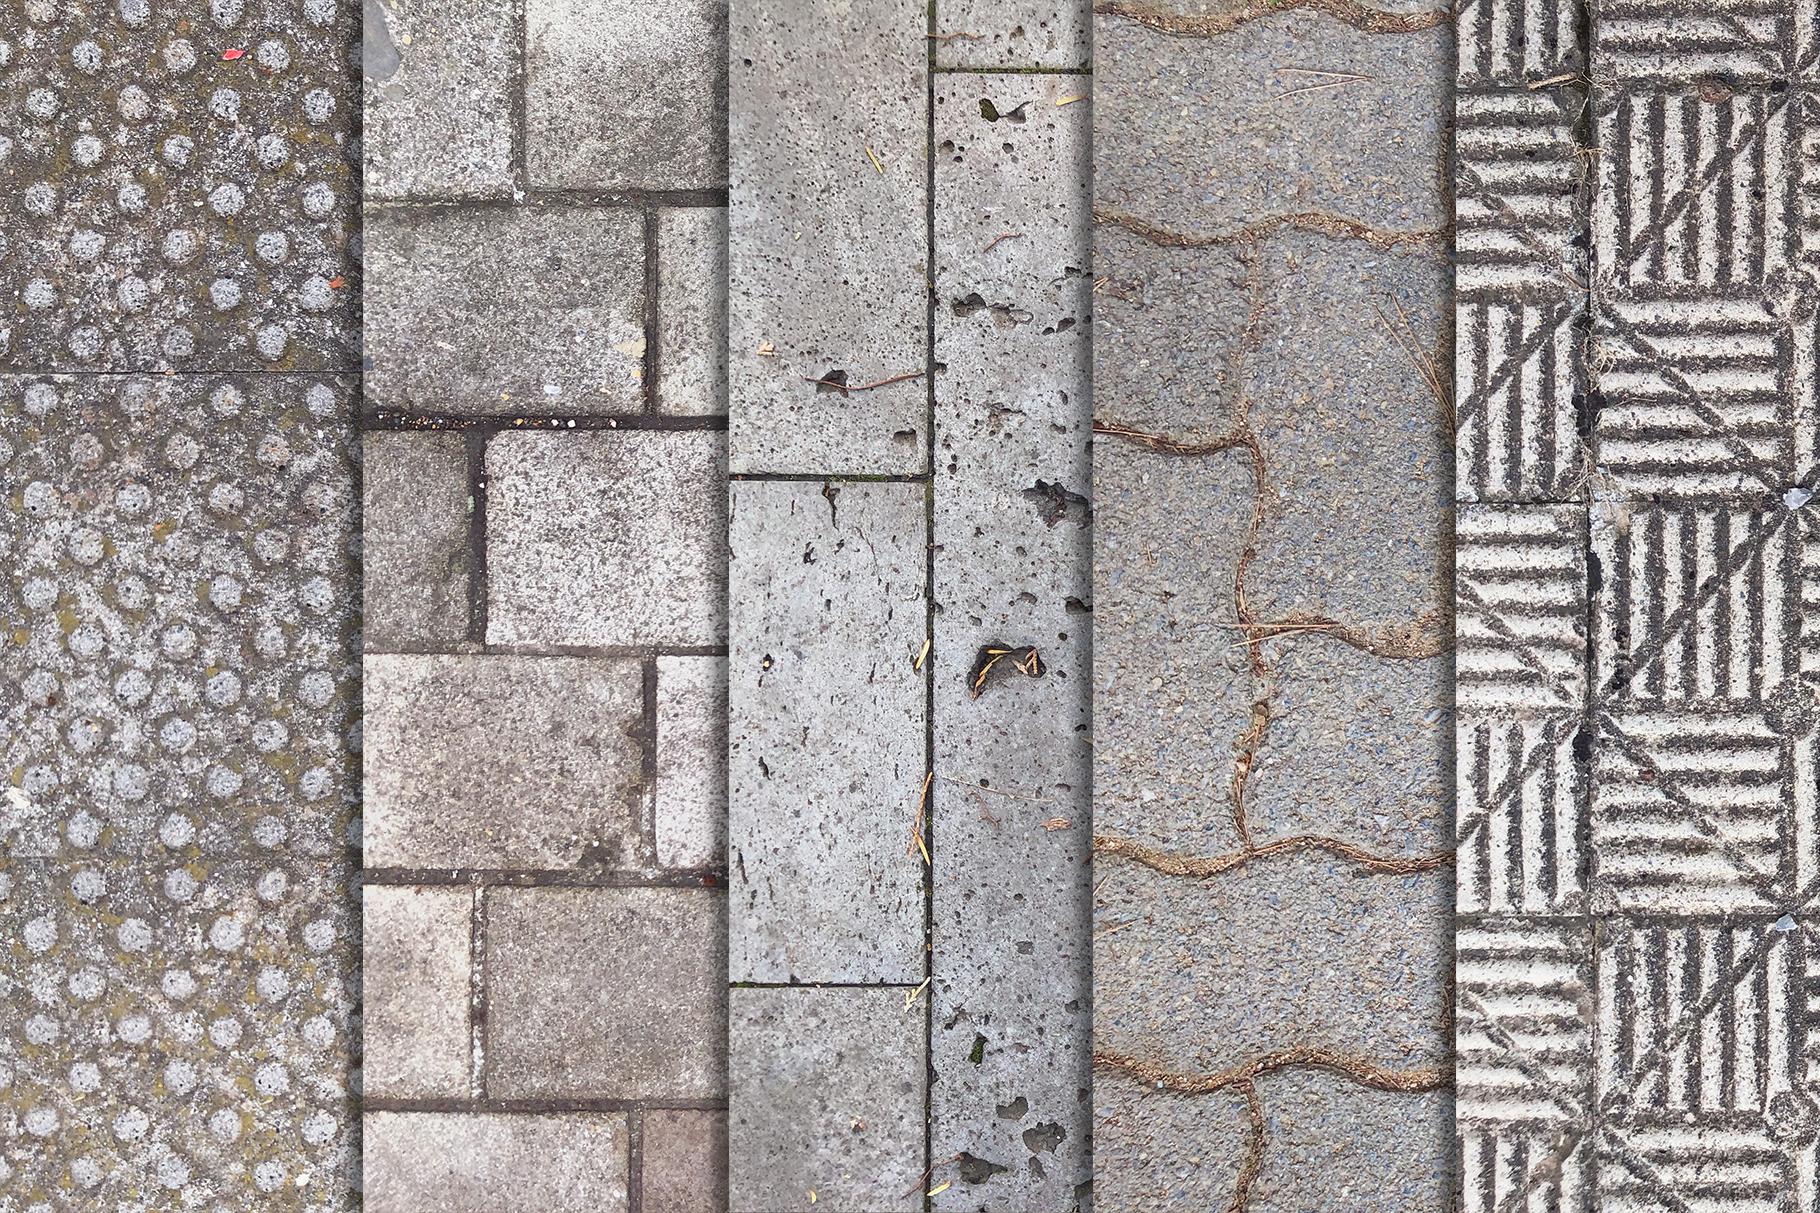 Street Floor Textures x10 example image 3